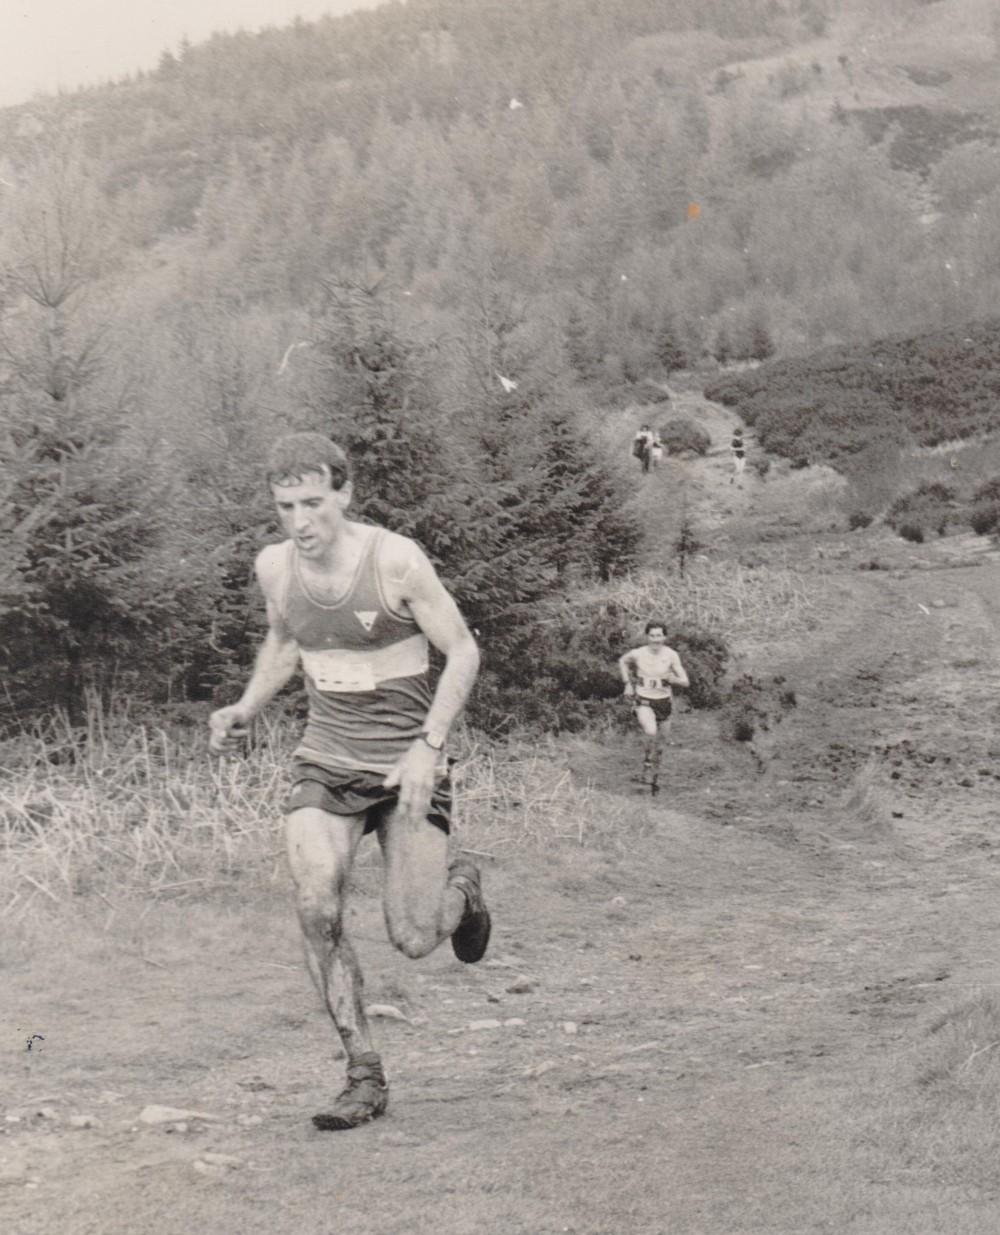 1983 Ben Lomond [John Wild]